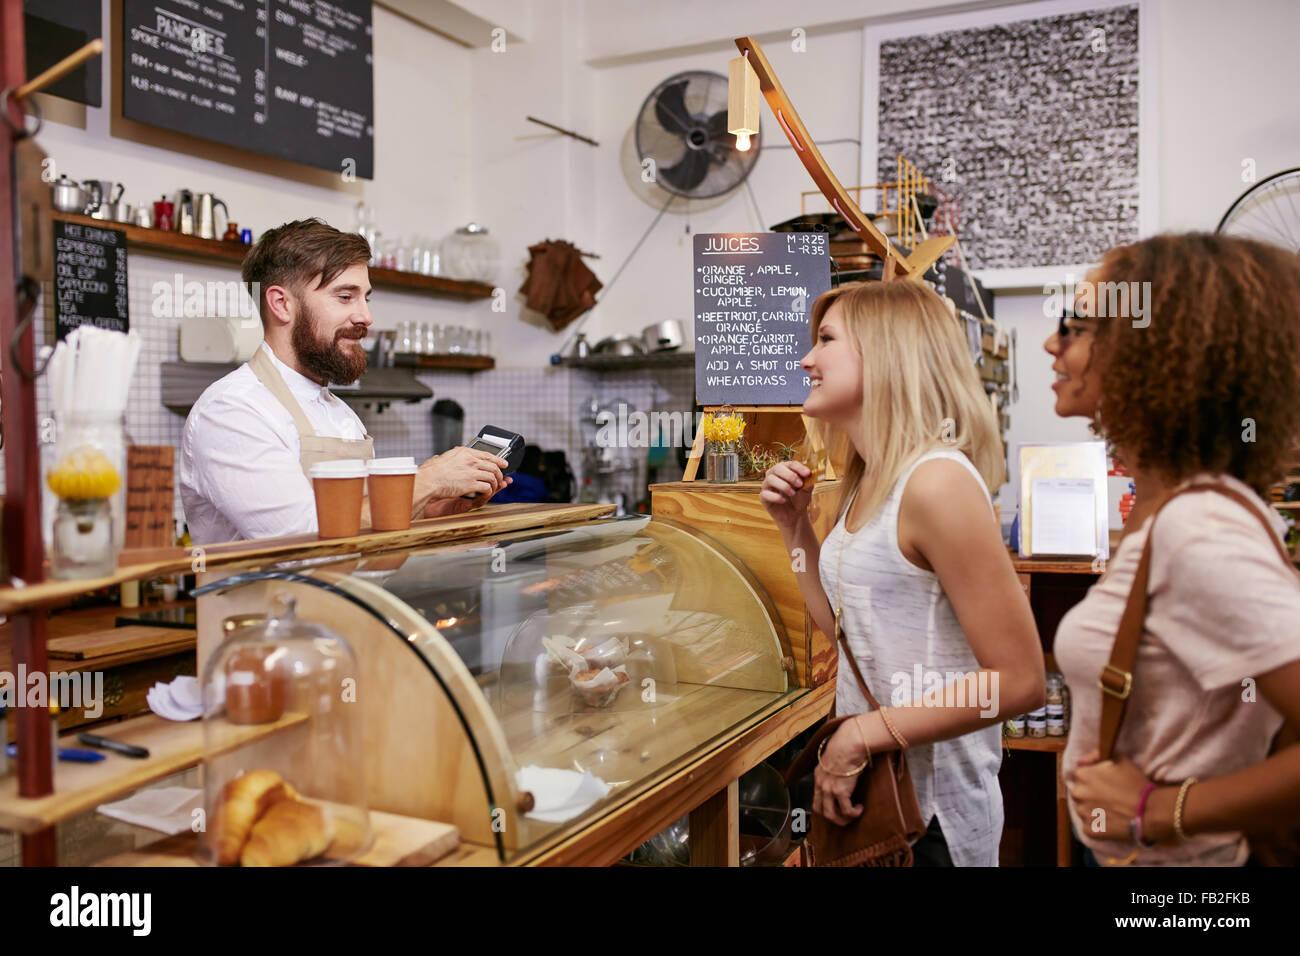 3119d70bbb4246 Schuss von einem jungen Frauen Freunde eine Bestellung in einem Café.  Kellner